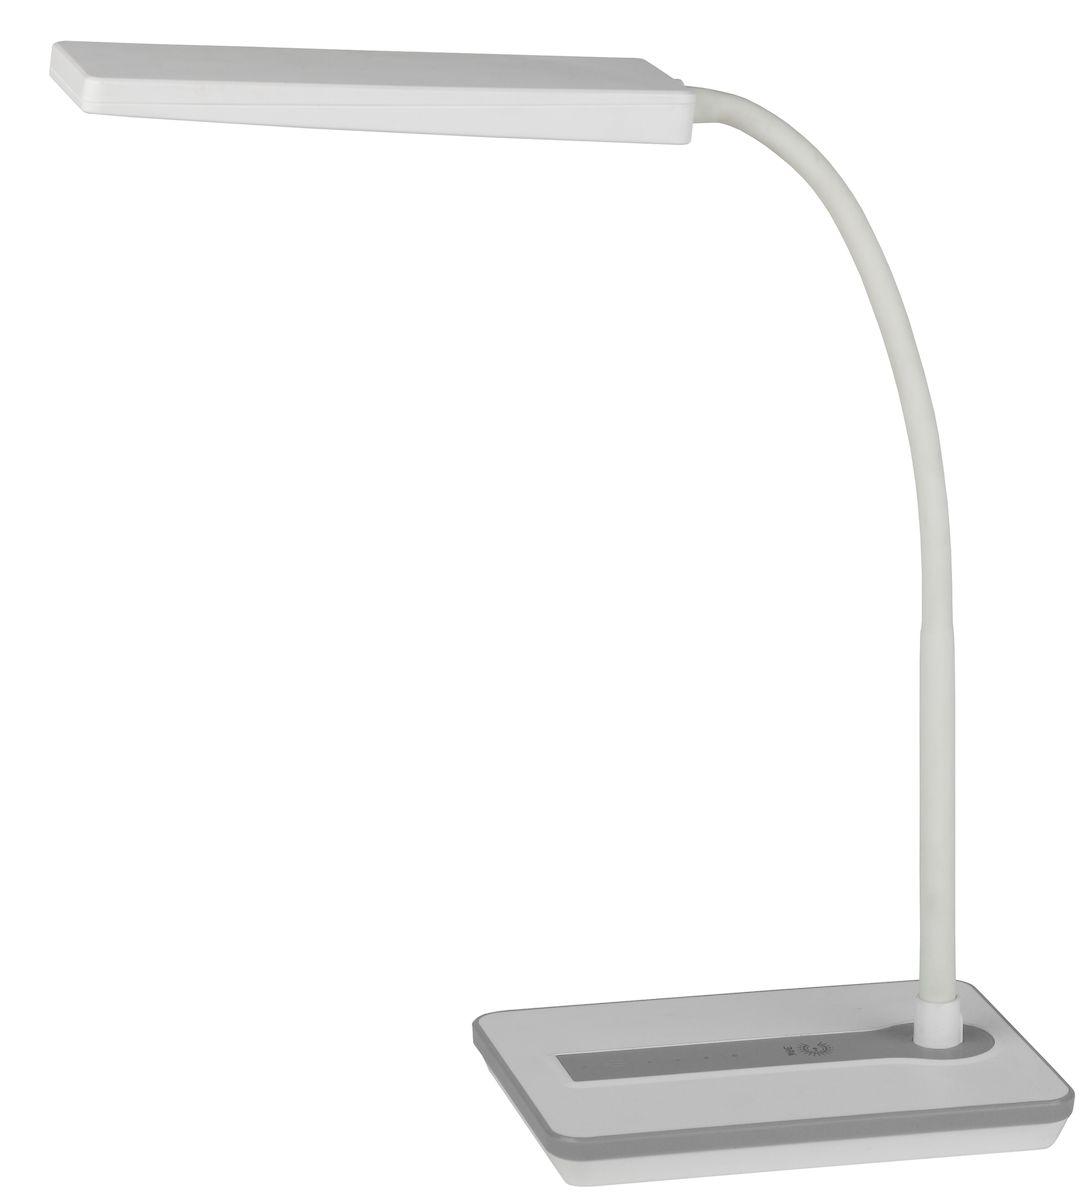 Настольный светильник ЭРА NLED-446-9W-W, цвет: белыйNLED-446-9W-WСветильник со светодиодами (LED) в качестве источников света, которые экономят до 90% электроэнергии и не требуют замены на протяжении всего срока службы светильника.Сенсорный переключатель на основании.Четырехступенчатый диммер для регулировки яркости.Высота плафона регулируется гибкой стойкой, направление света регулируется поворотом плафона в любом направлении.Теплый свет, аналогичный свету лампы накаливания - цветовая температура 3000К.